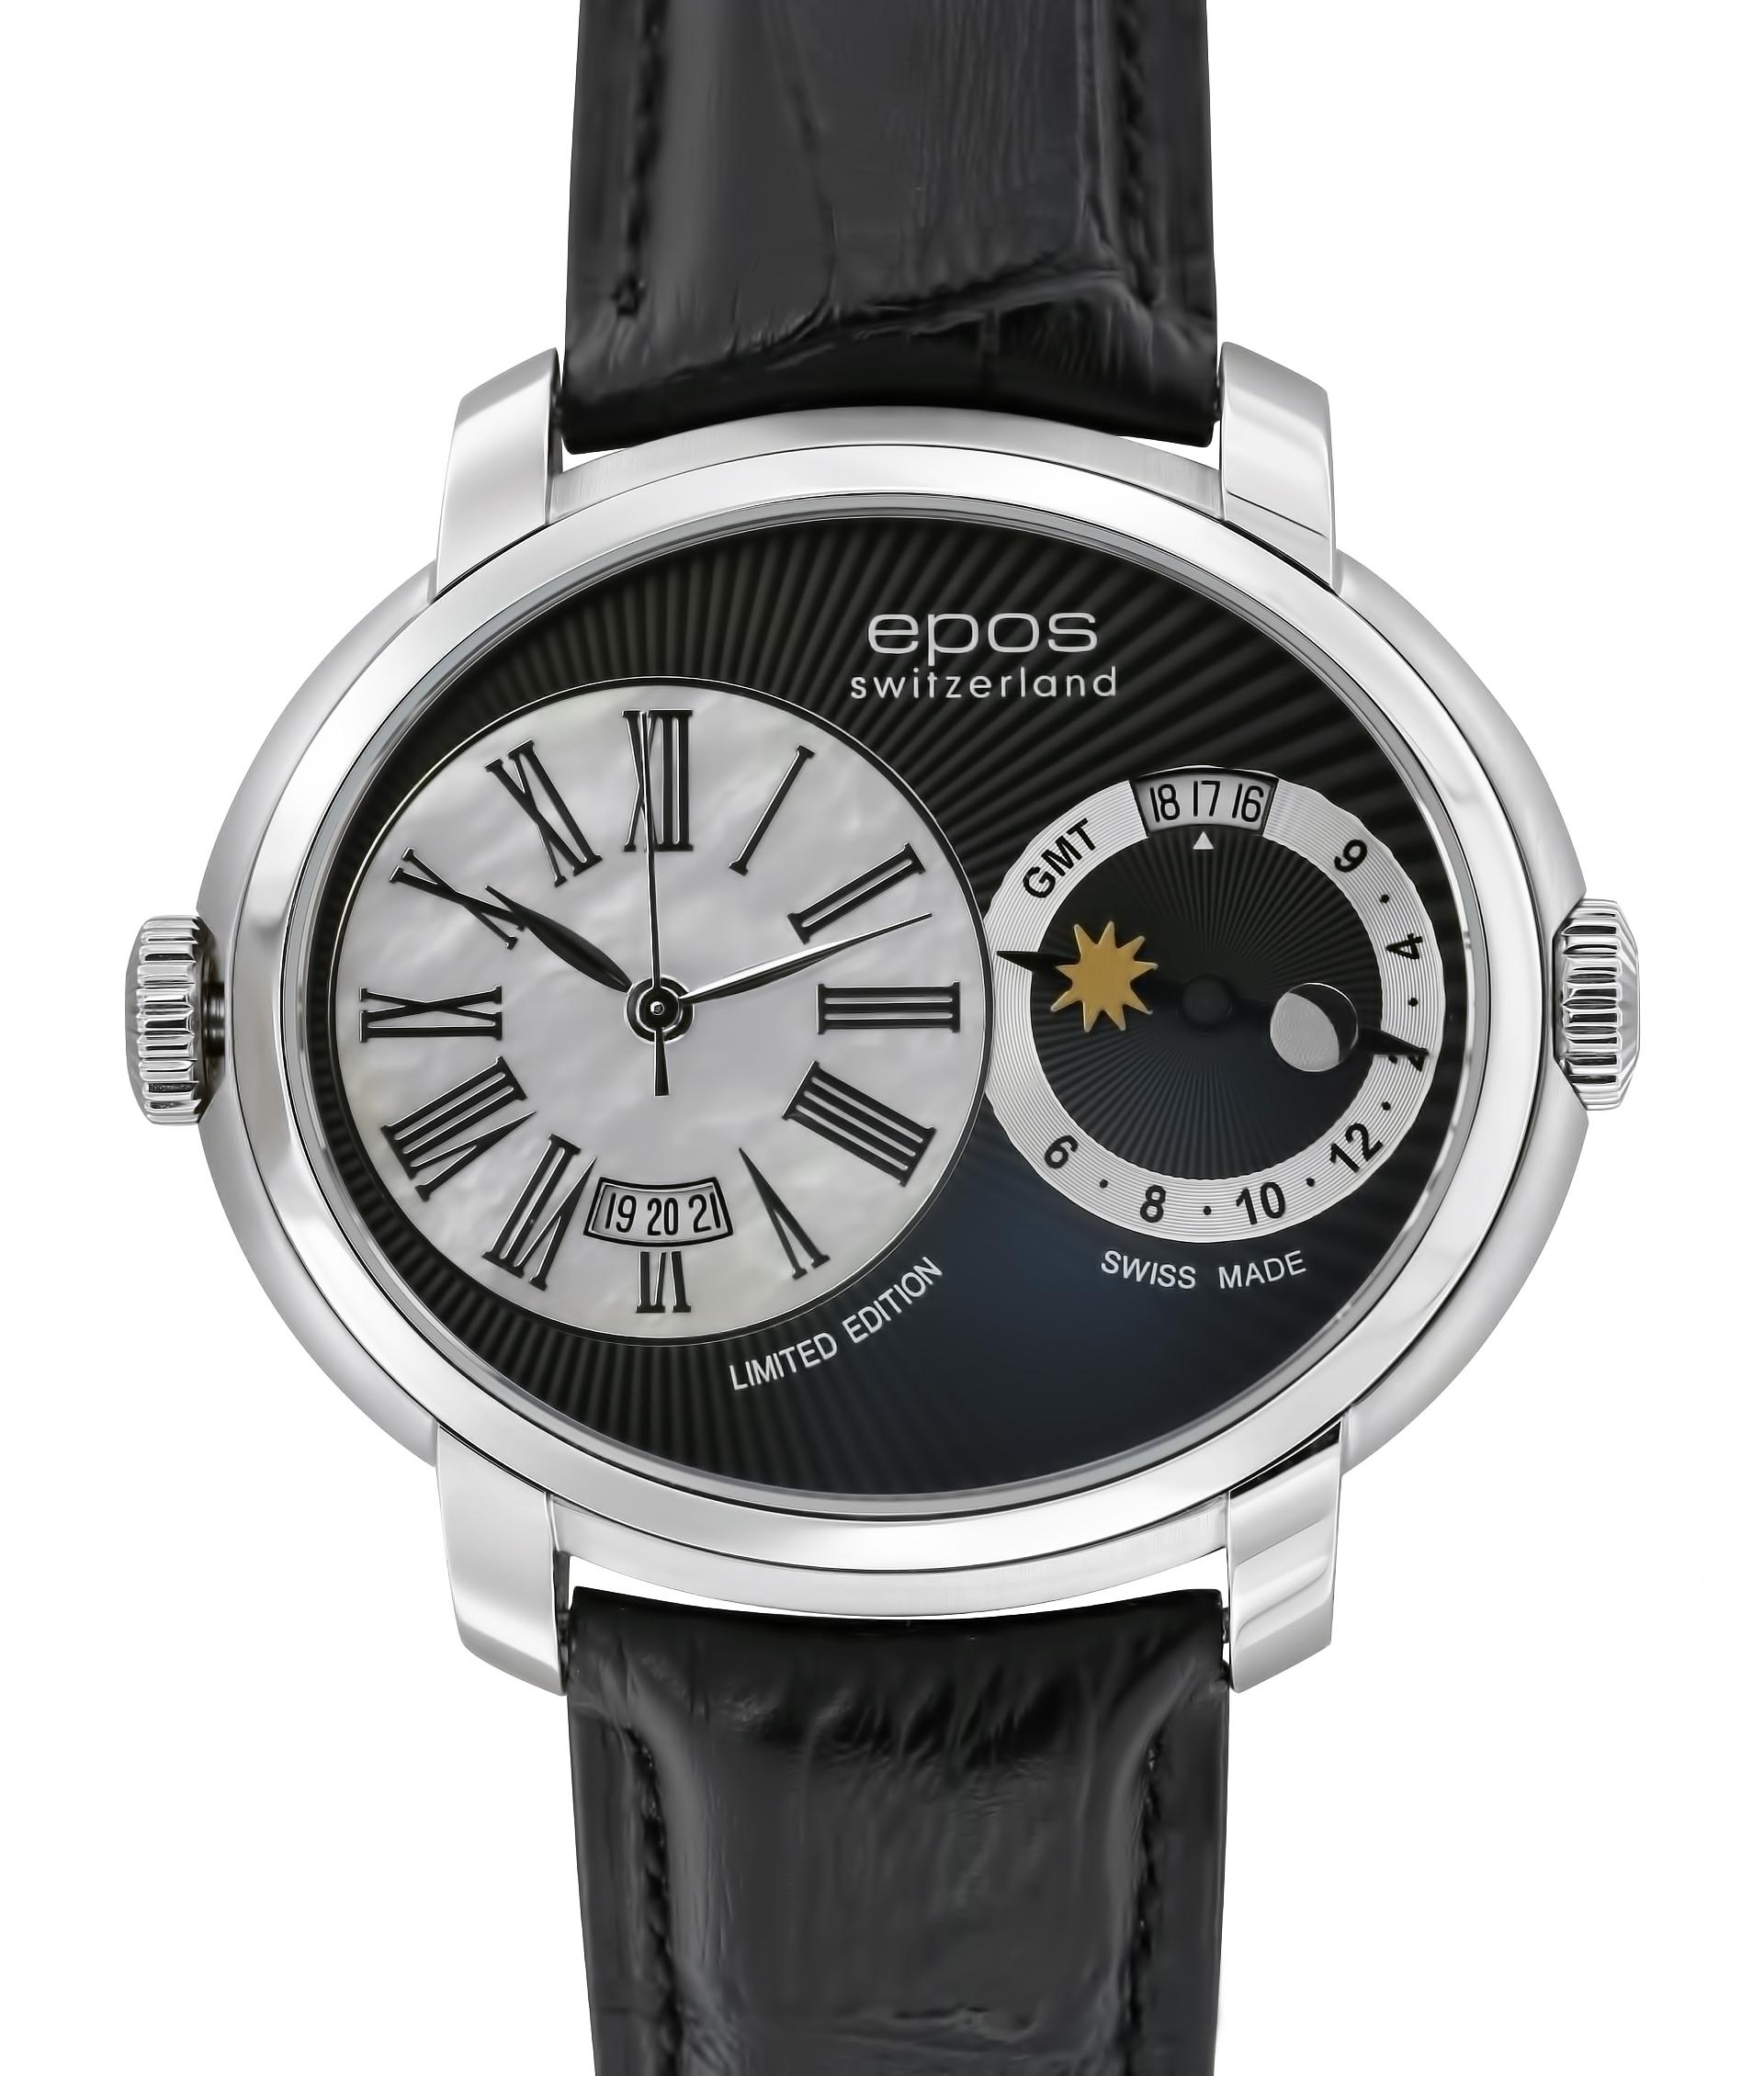 Epos ломбарде часы в часы каминные продать антикварные